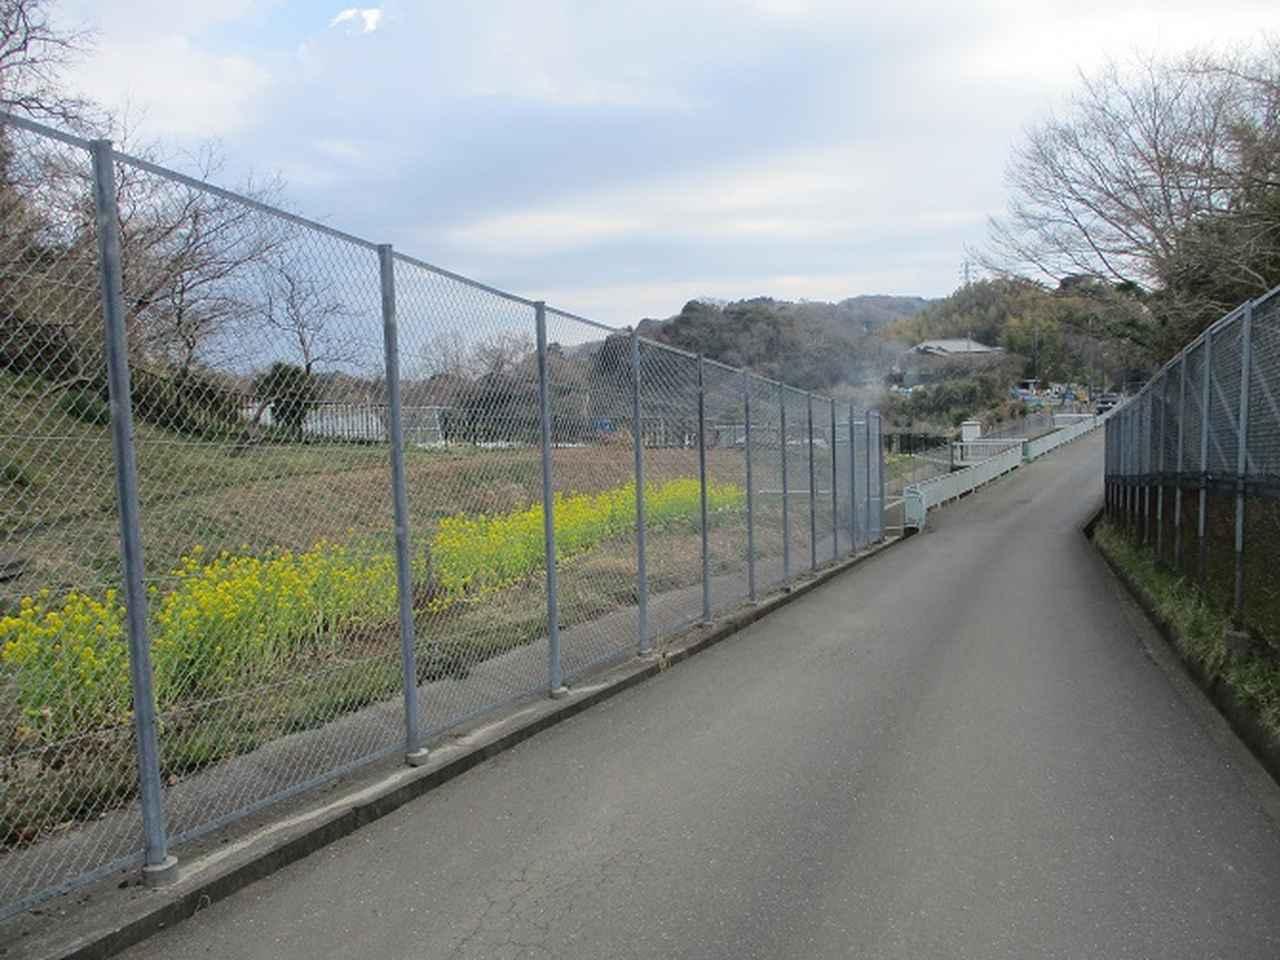 画像4: 3月の山旅会 大楠山から衣笠城跡 ツアーの下見に行ってきました!